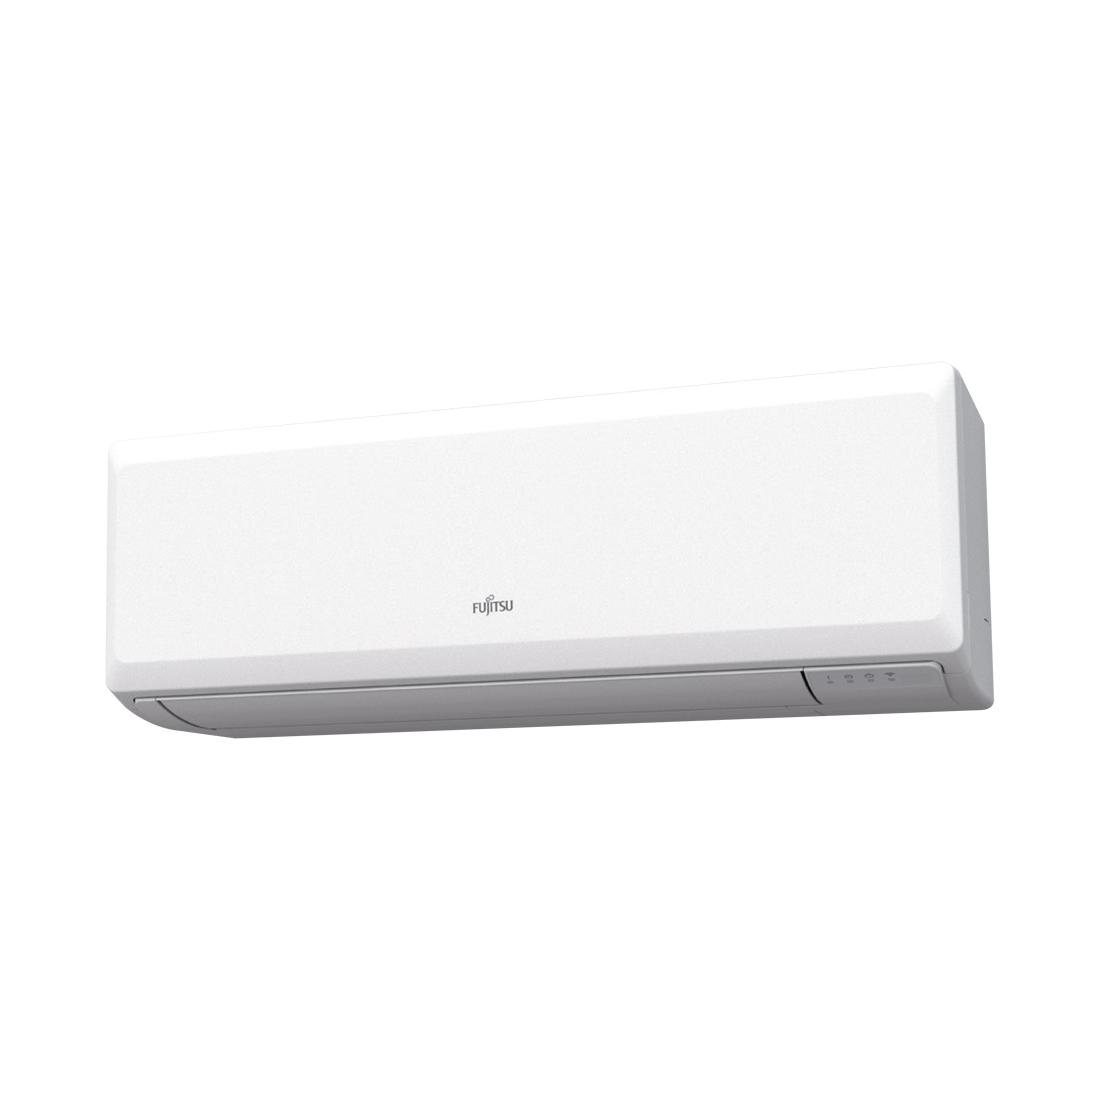 Fujitsu inverter klima uređaj ASYG12KPCA - Inelektronik